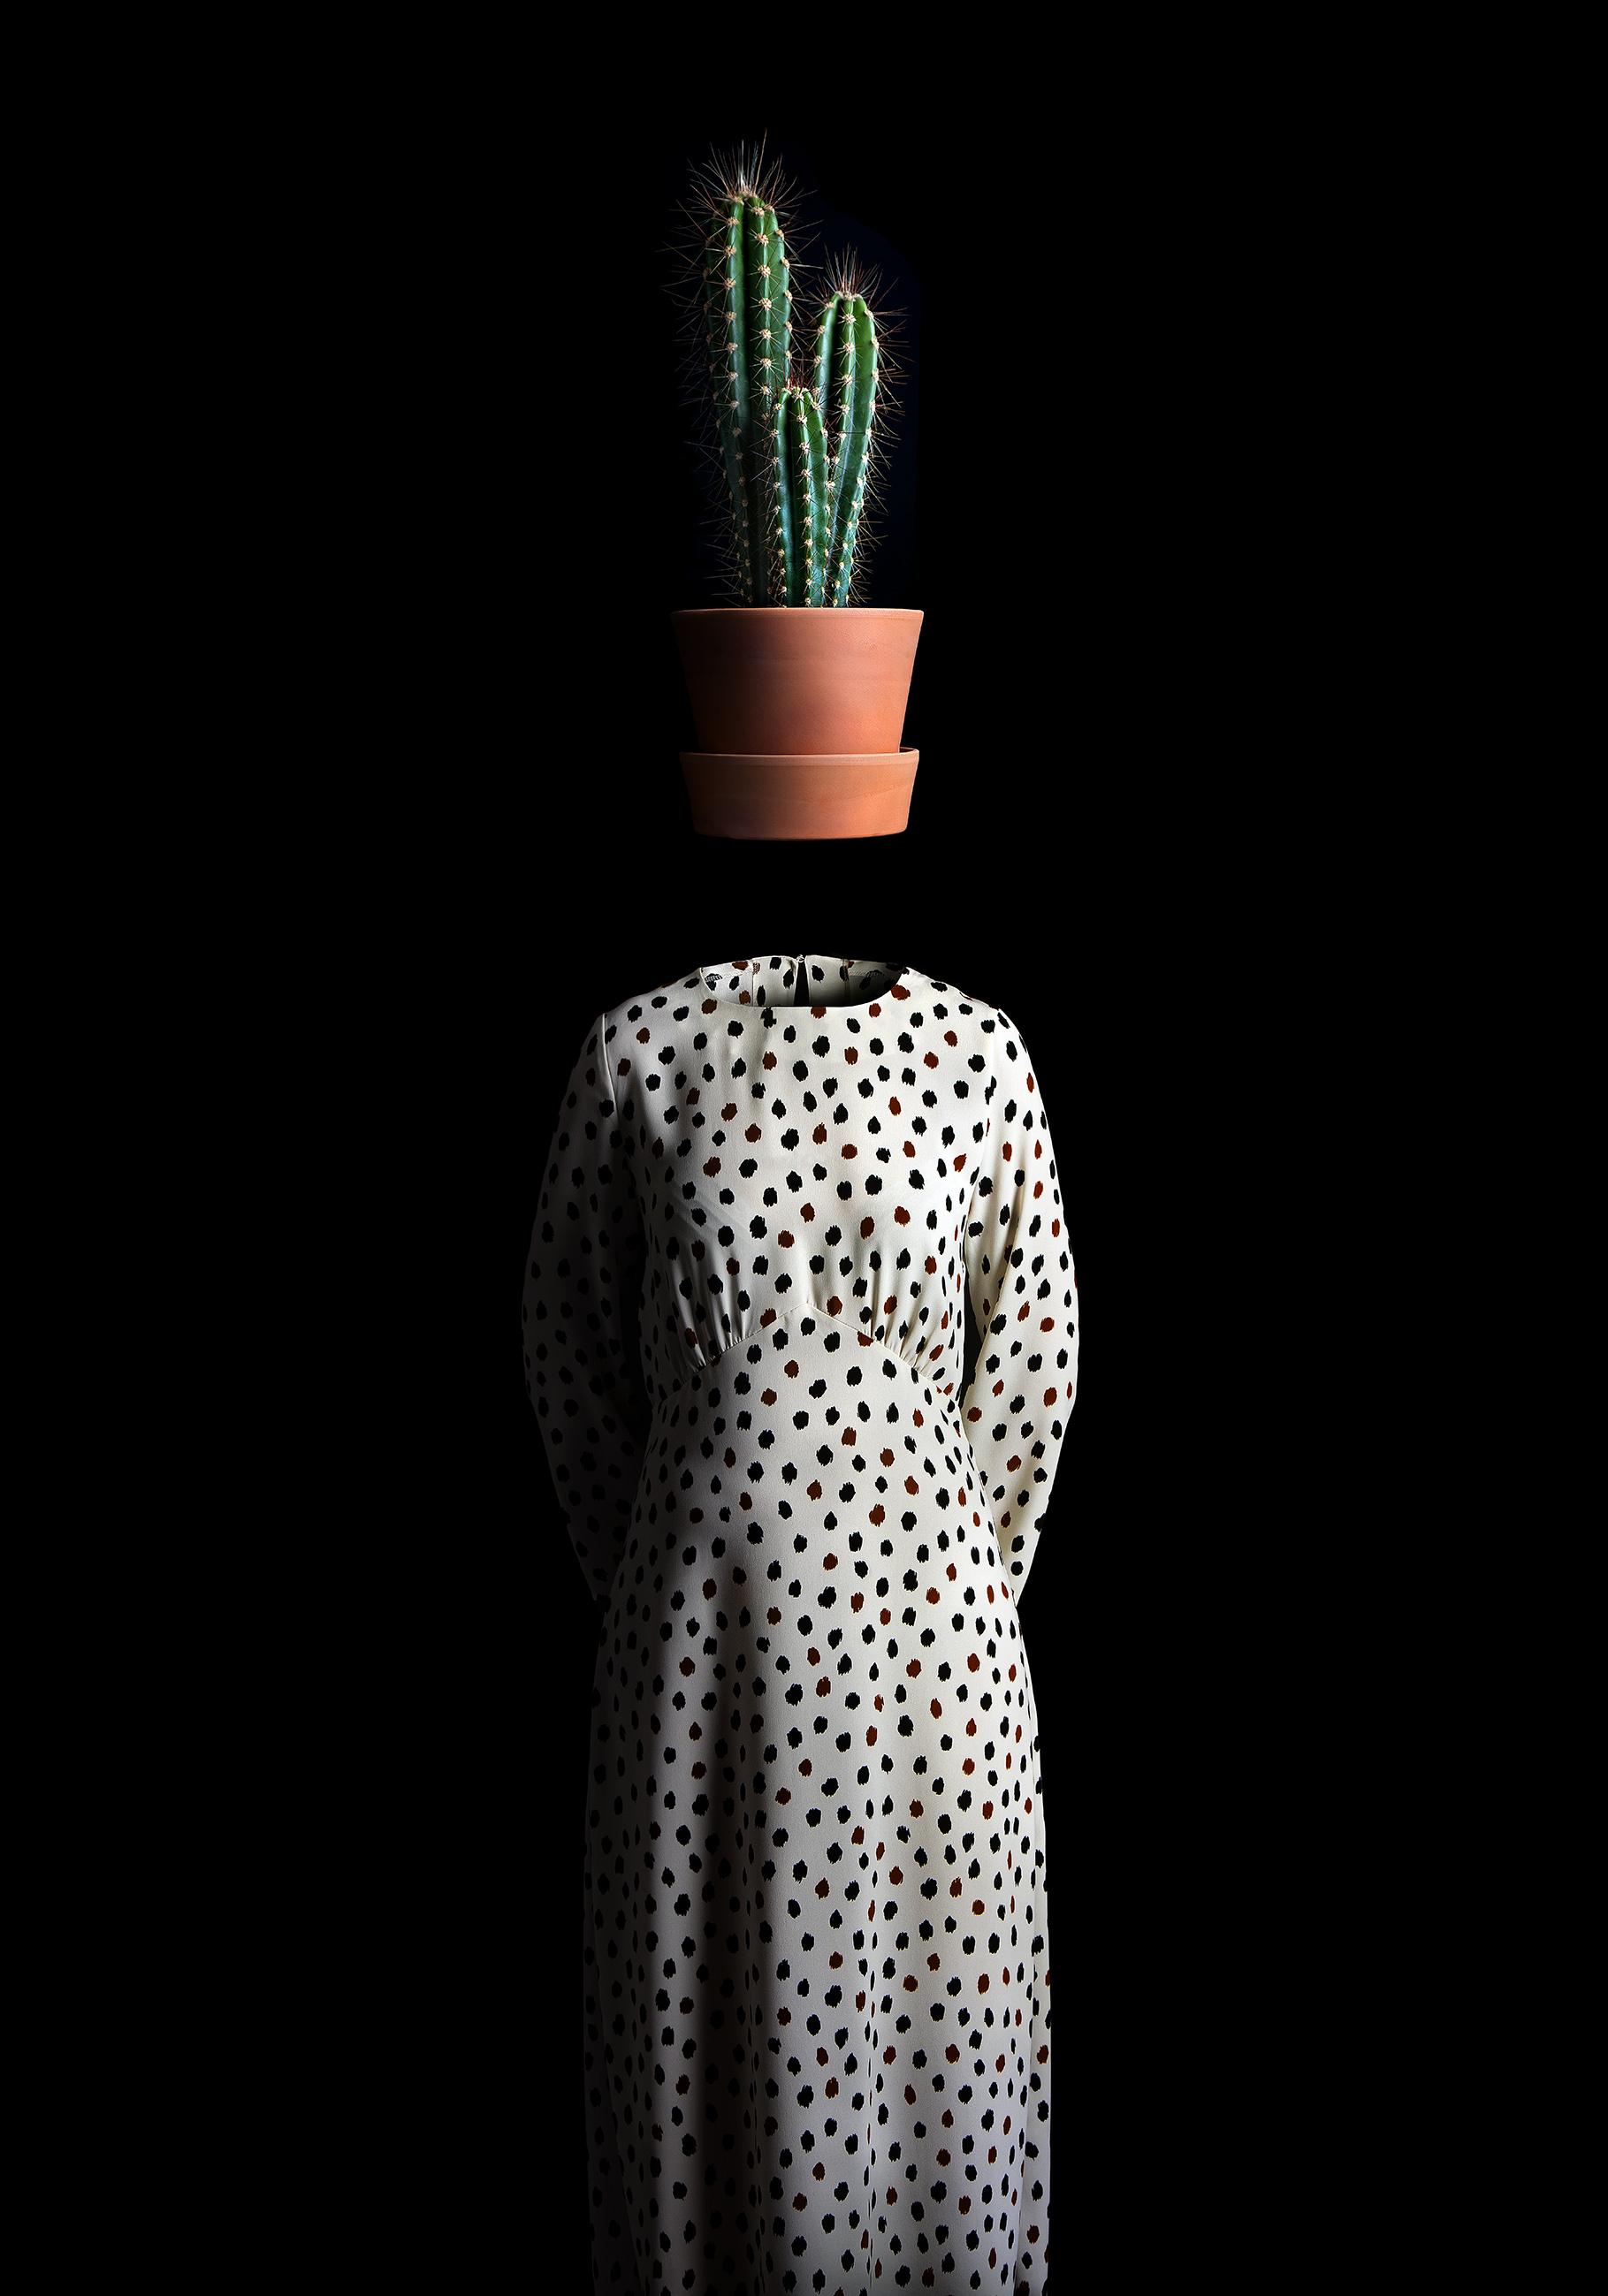 Ceci n'estdes les épines d'un cactus